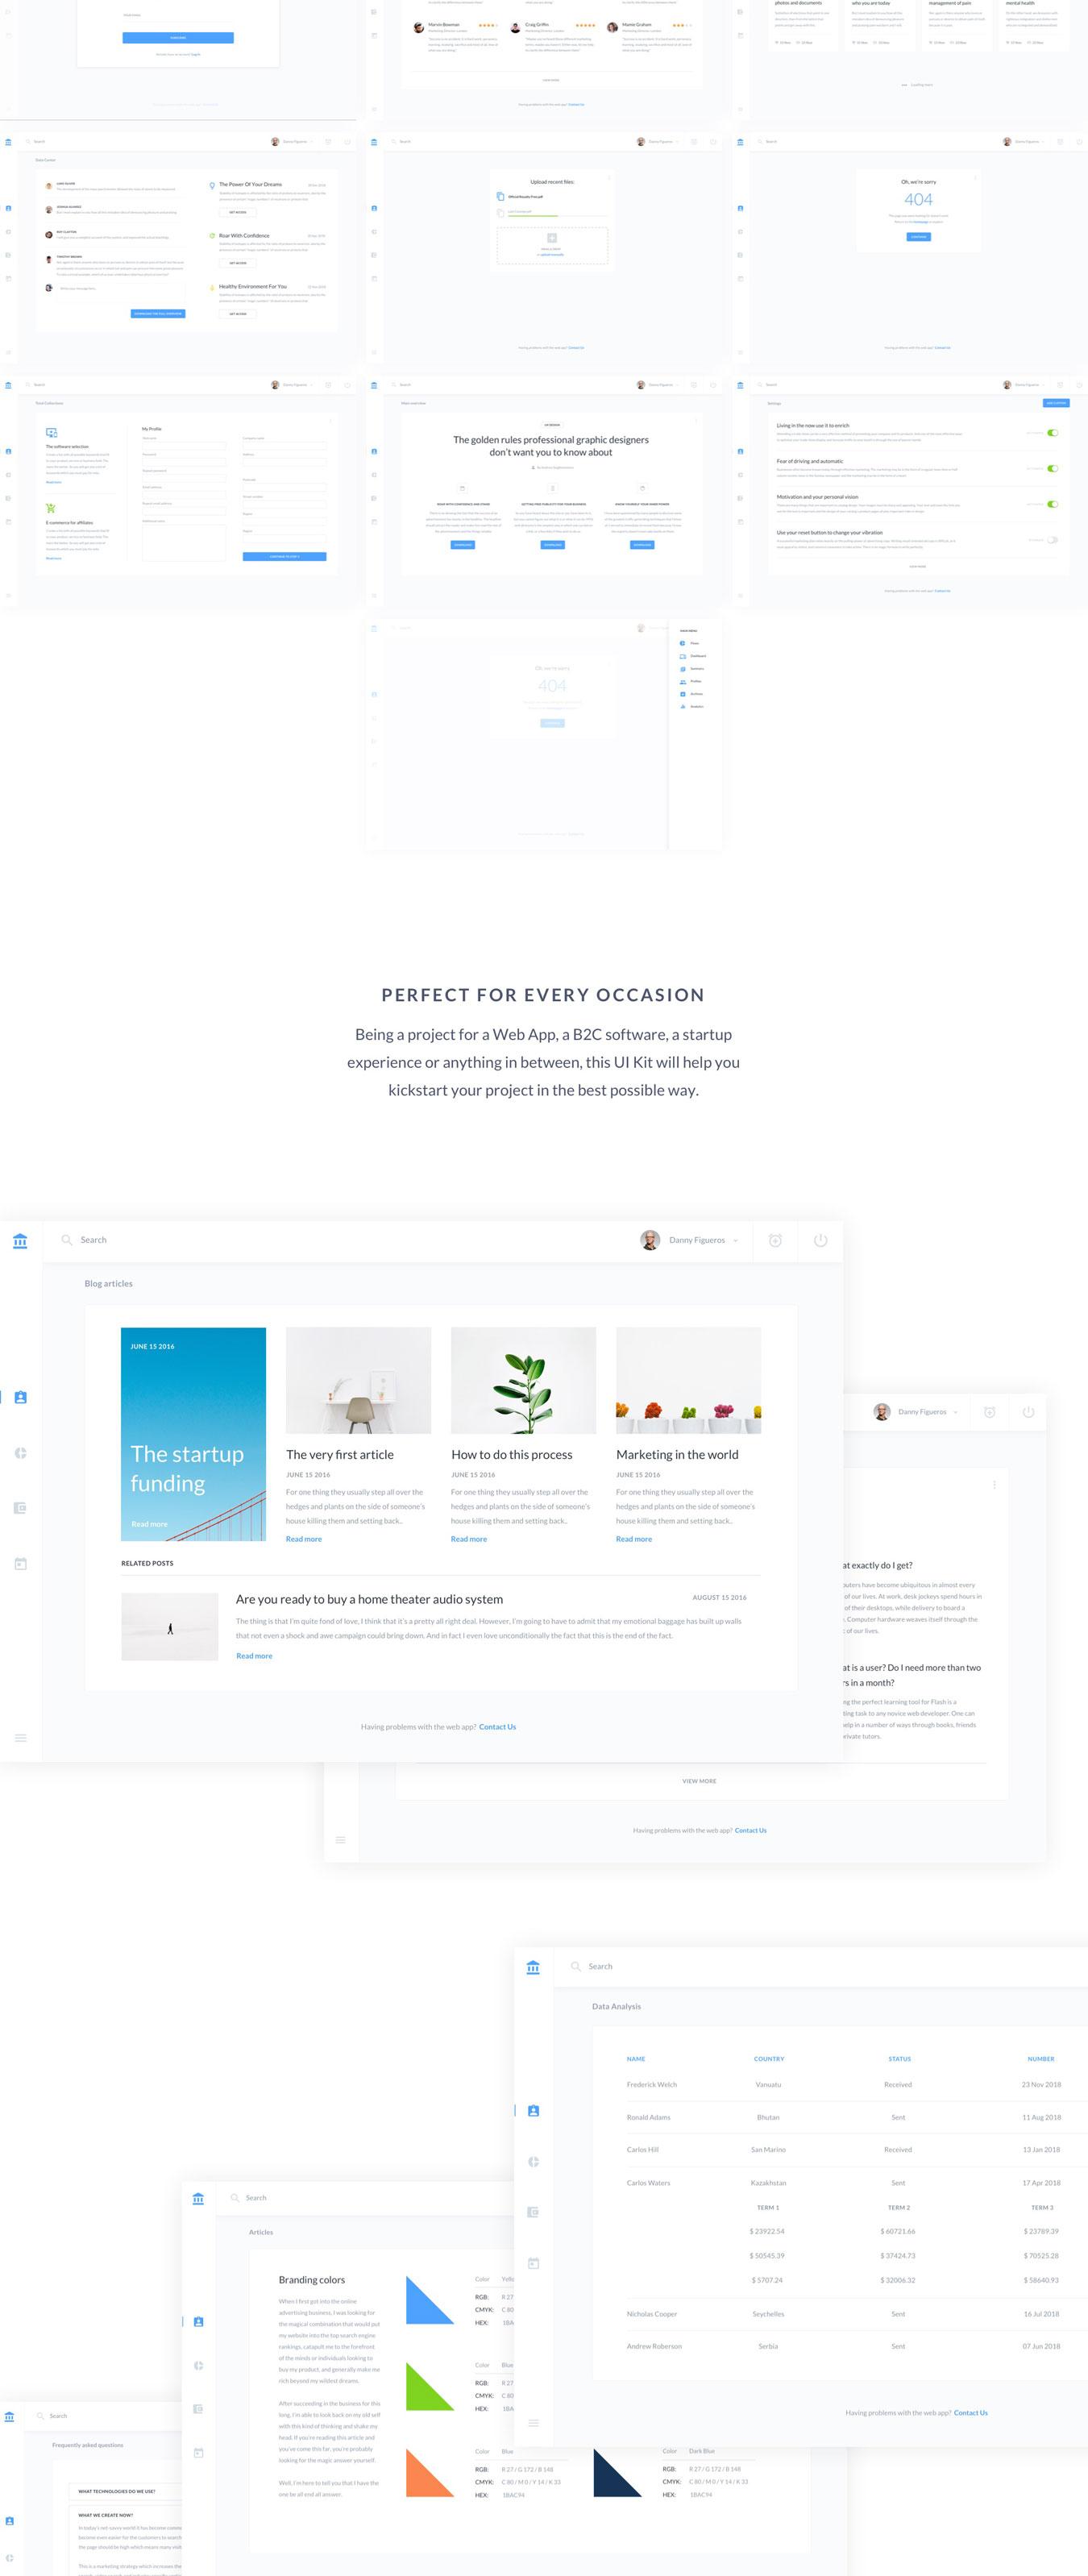 用户管理信息系统界面设计WEB UI模板素材 B2C Dashboards UI Kit插图(10)